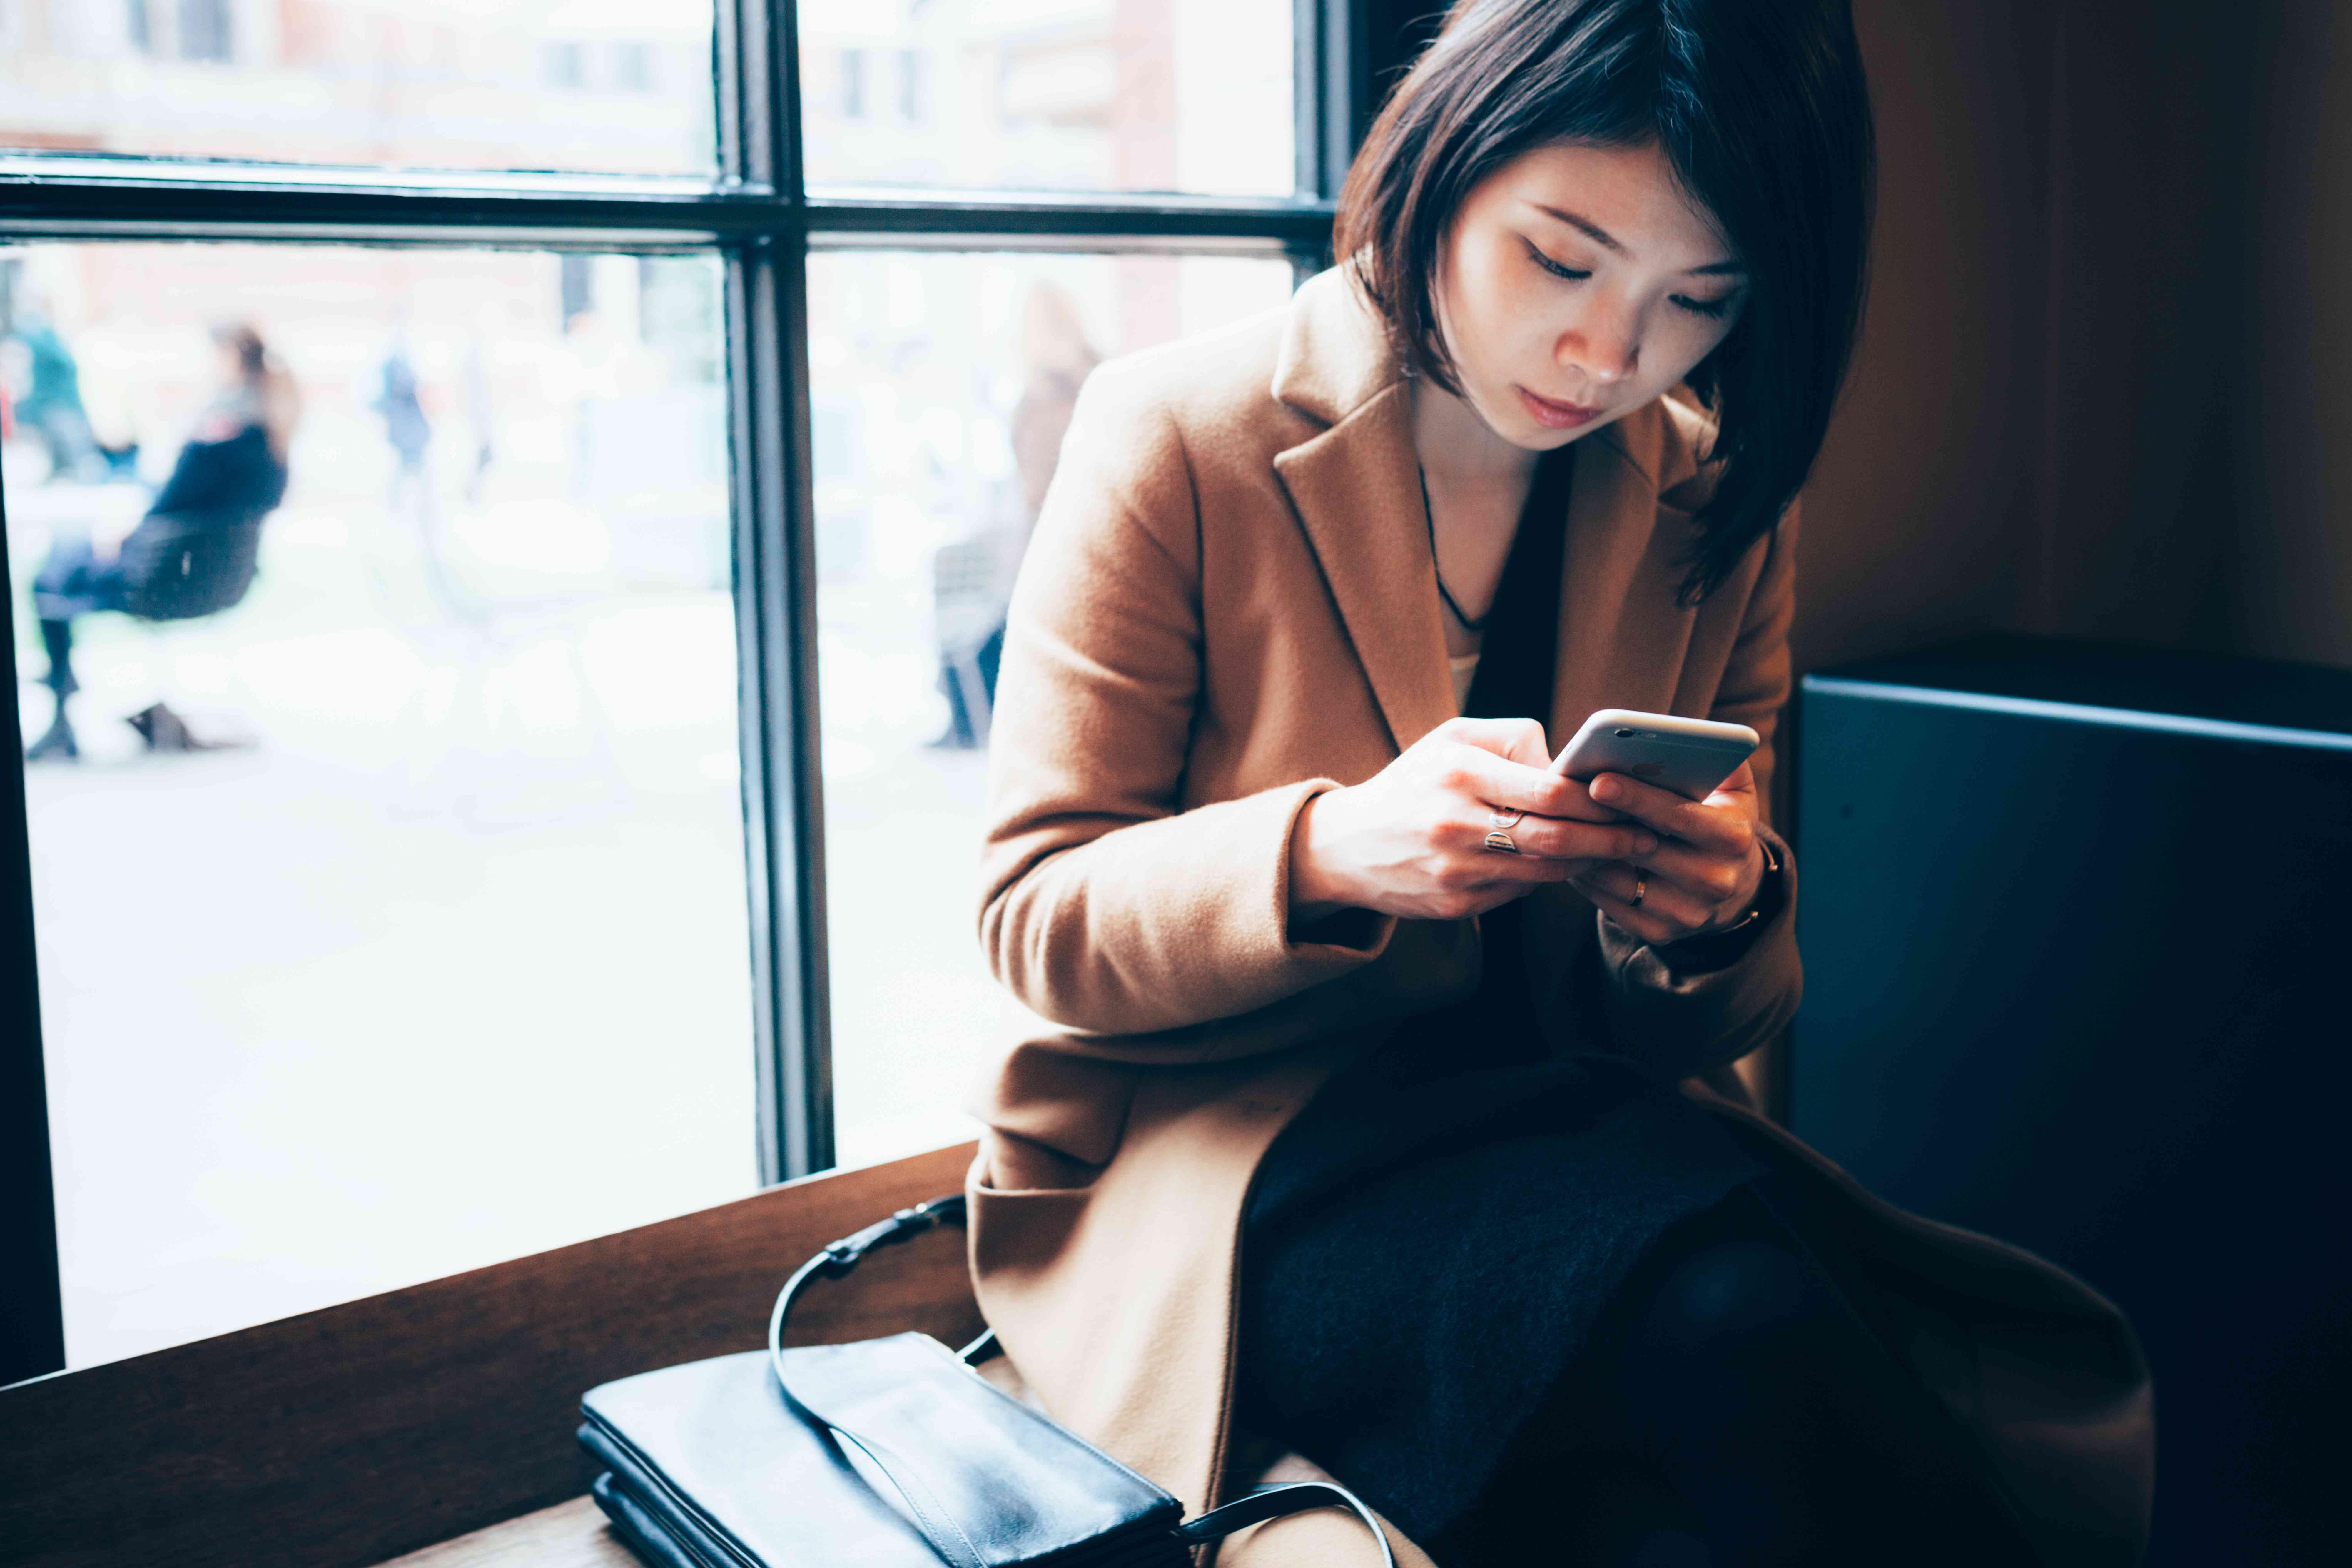 mujer que usa el teléfono celular en la biblioteca